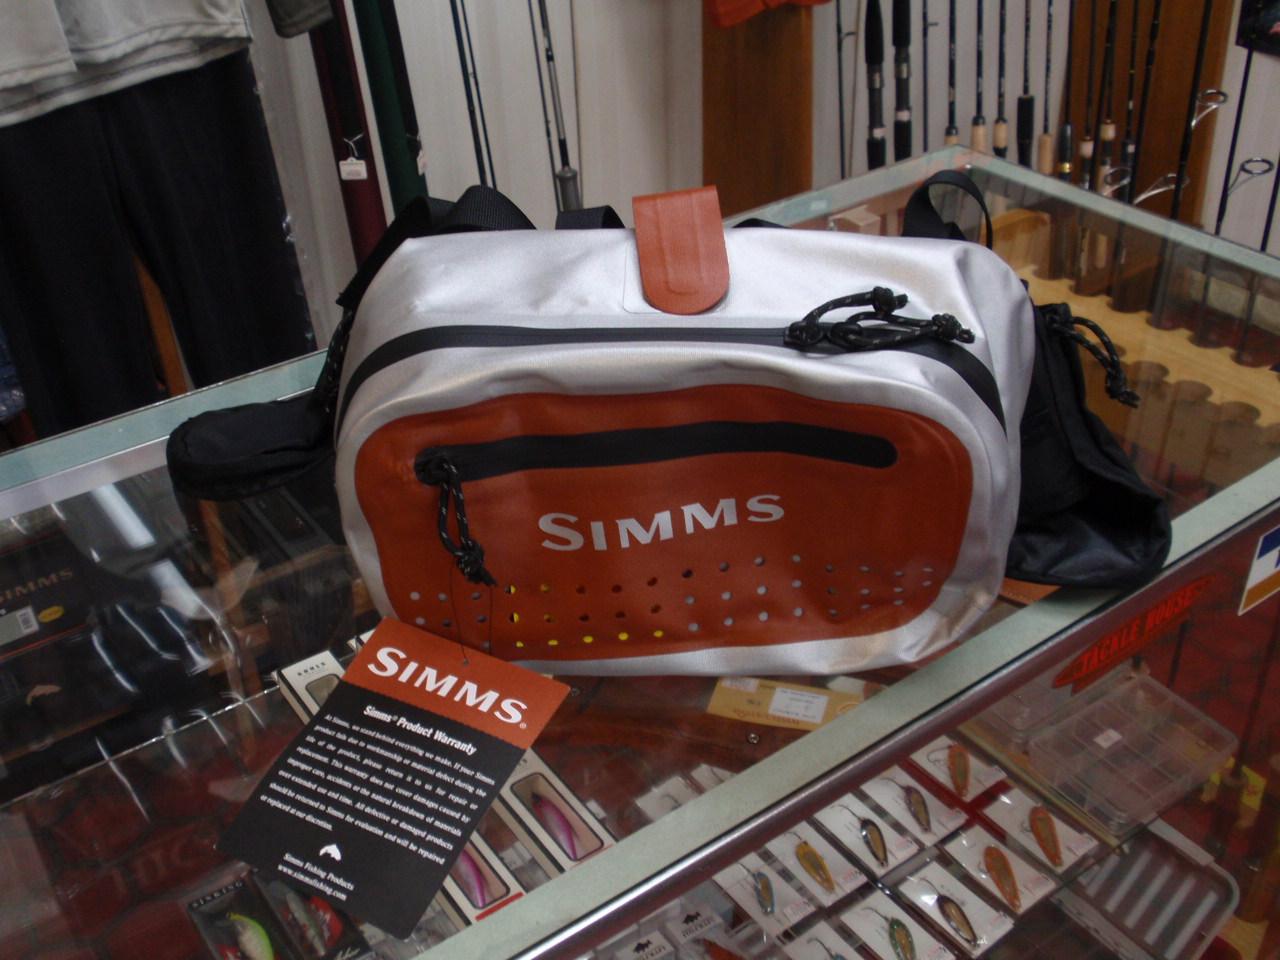 ・SIMMS_a0165135_1252163.jpg